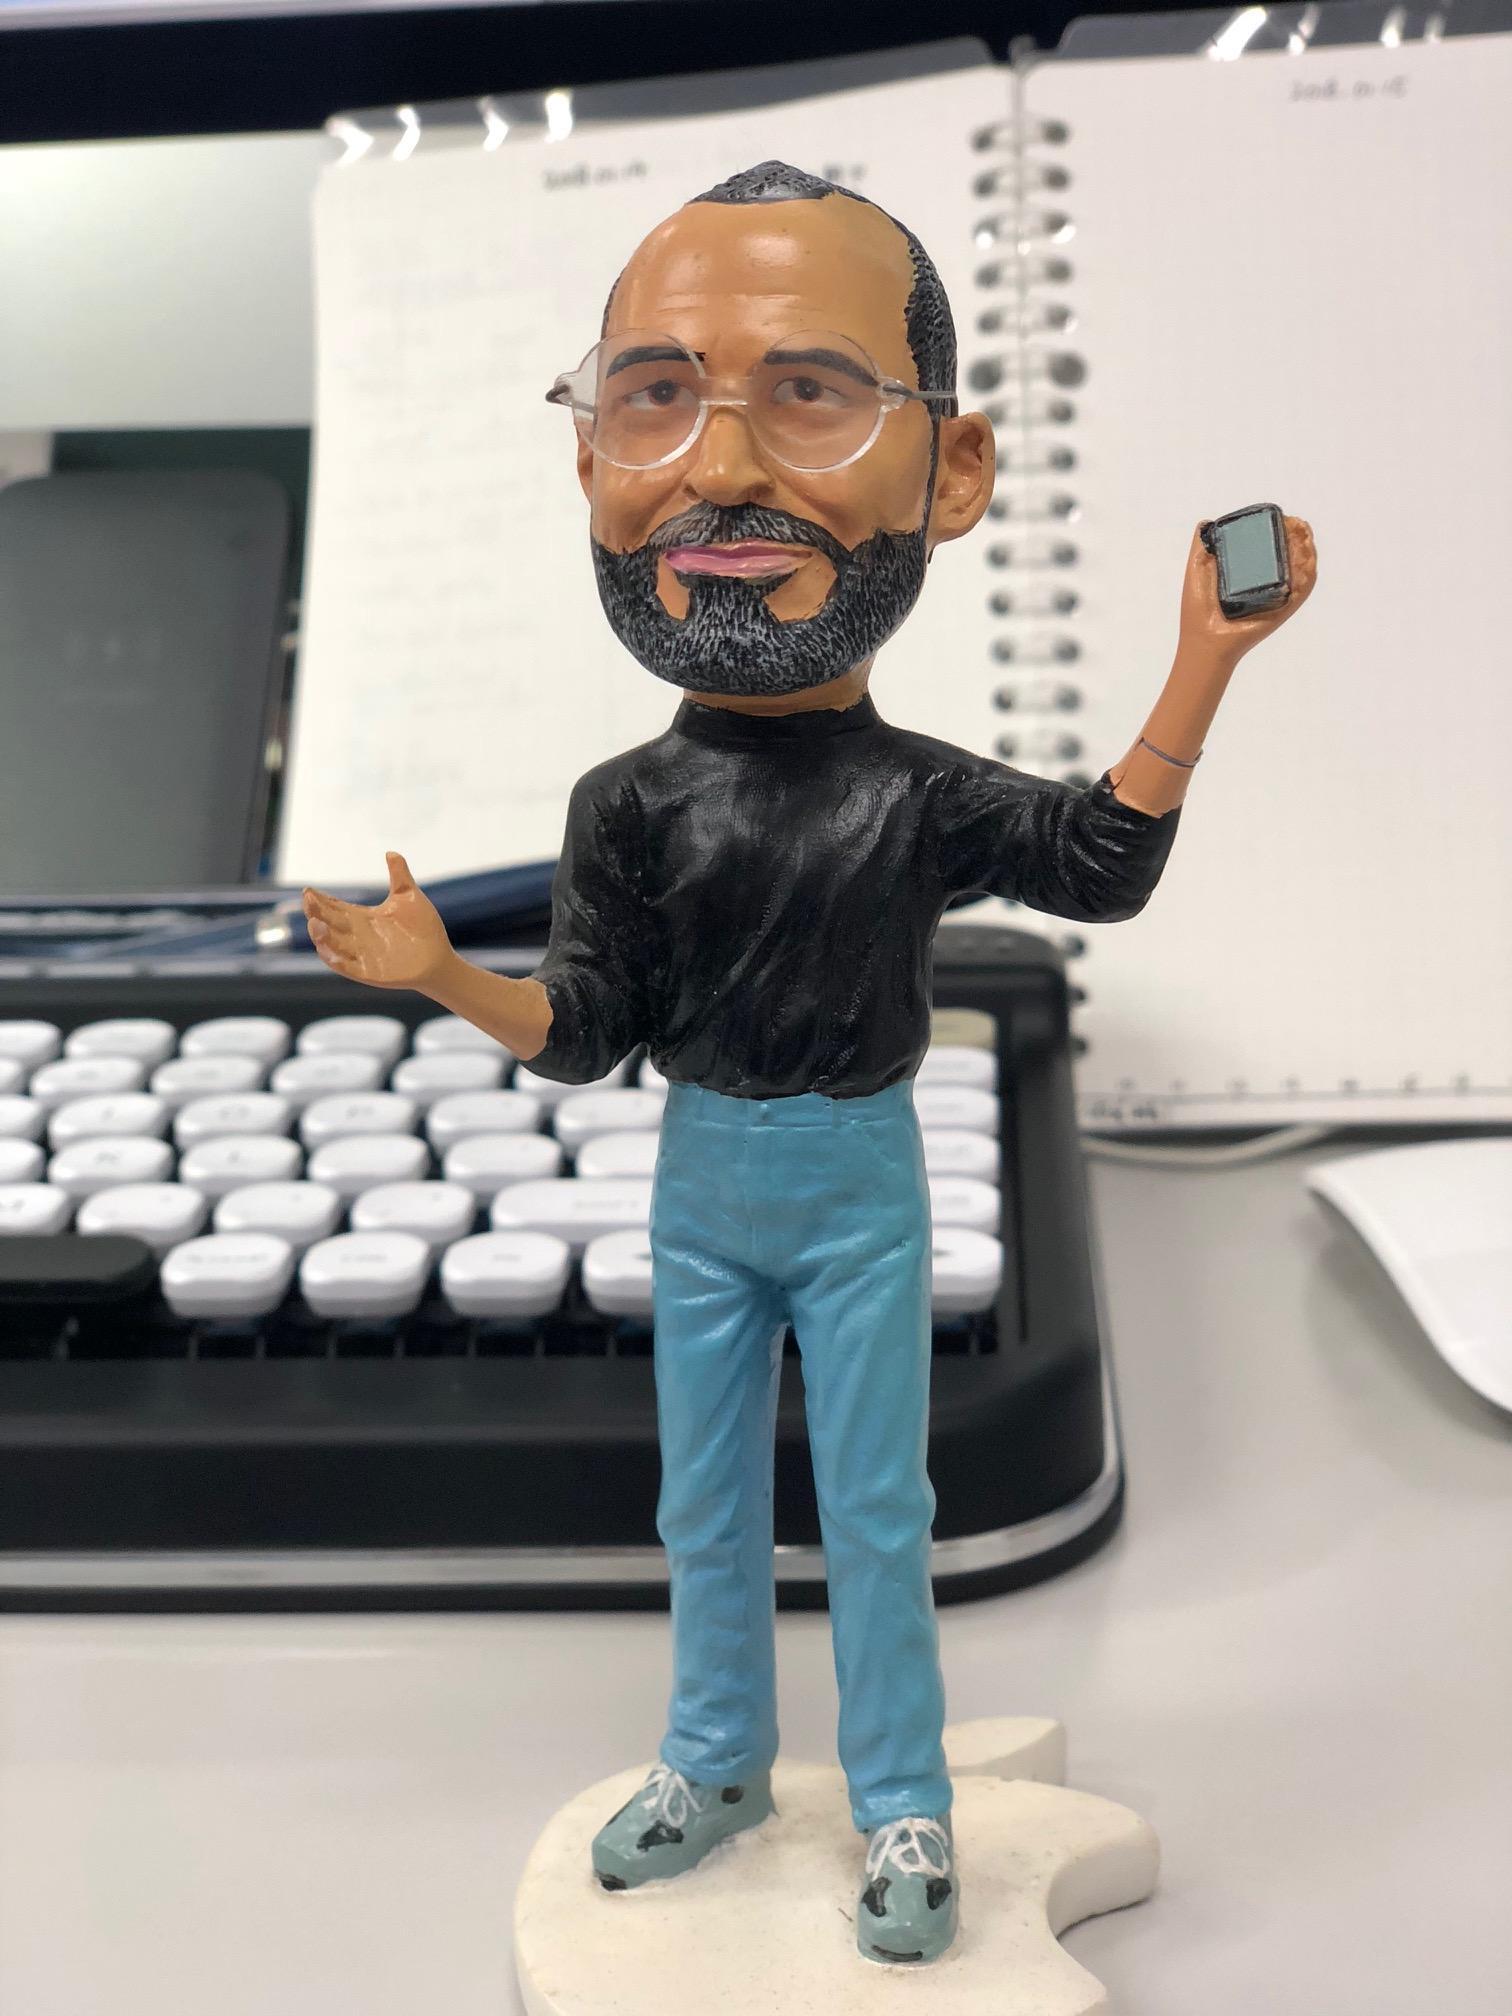 My Steve Jobs figure isback.